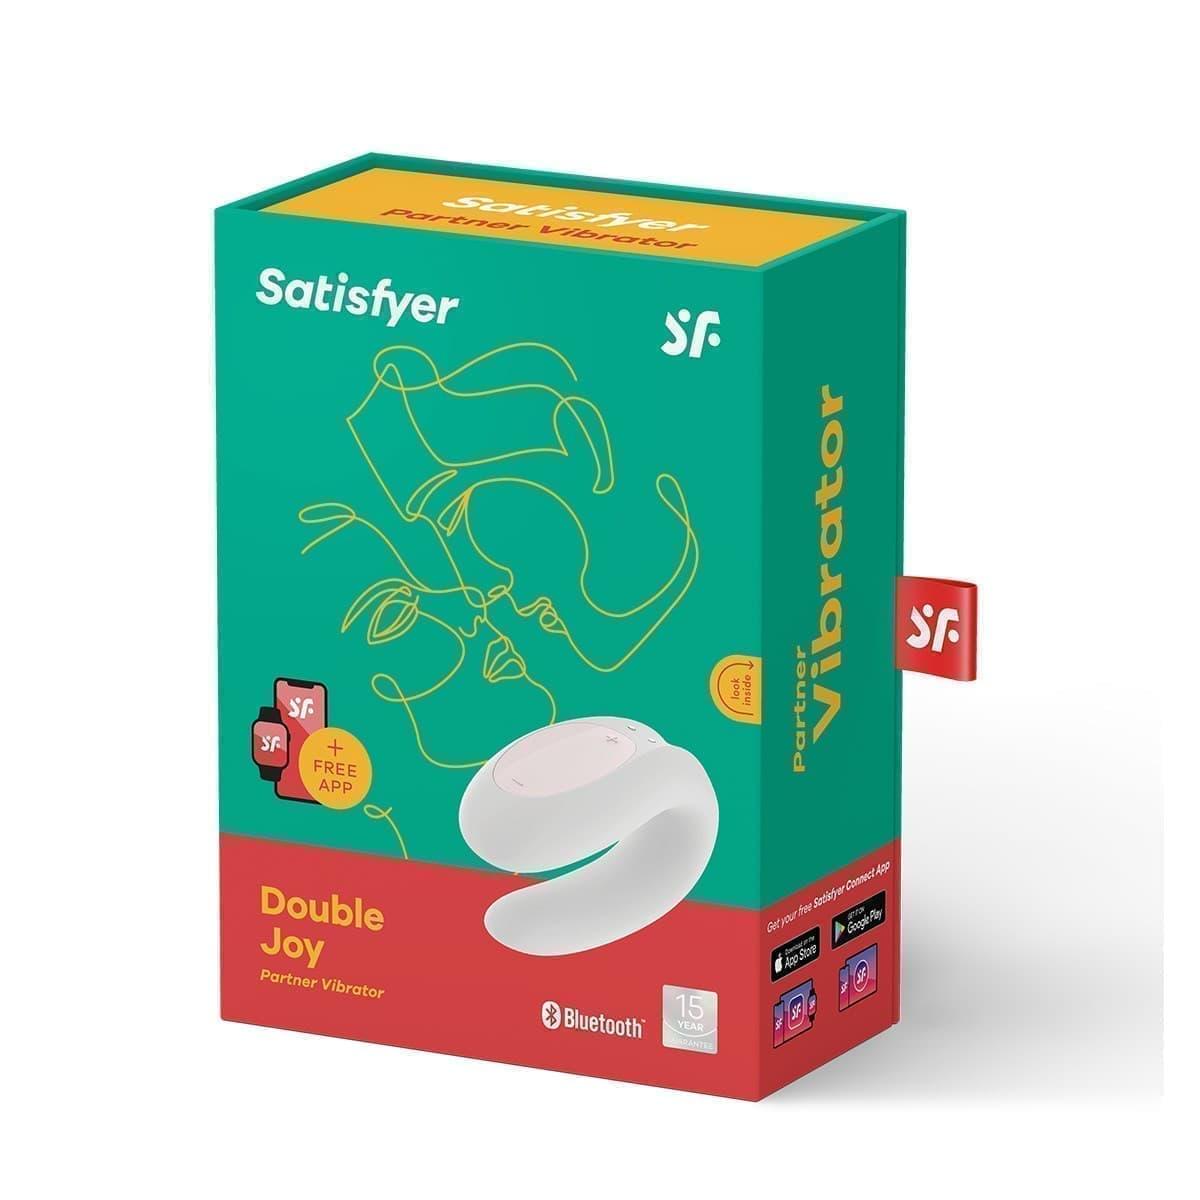 Satisfyer Double Joy, Вибратор Для Пар - фото 19005